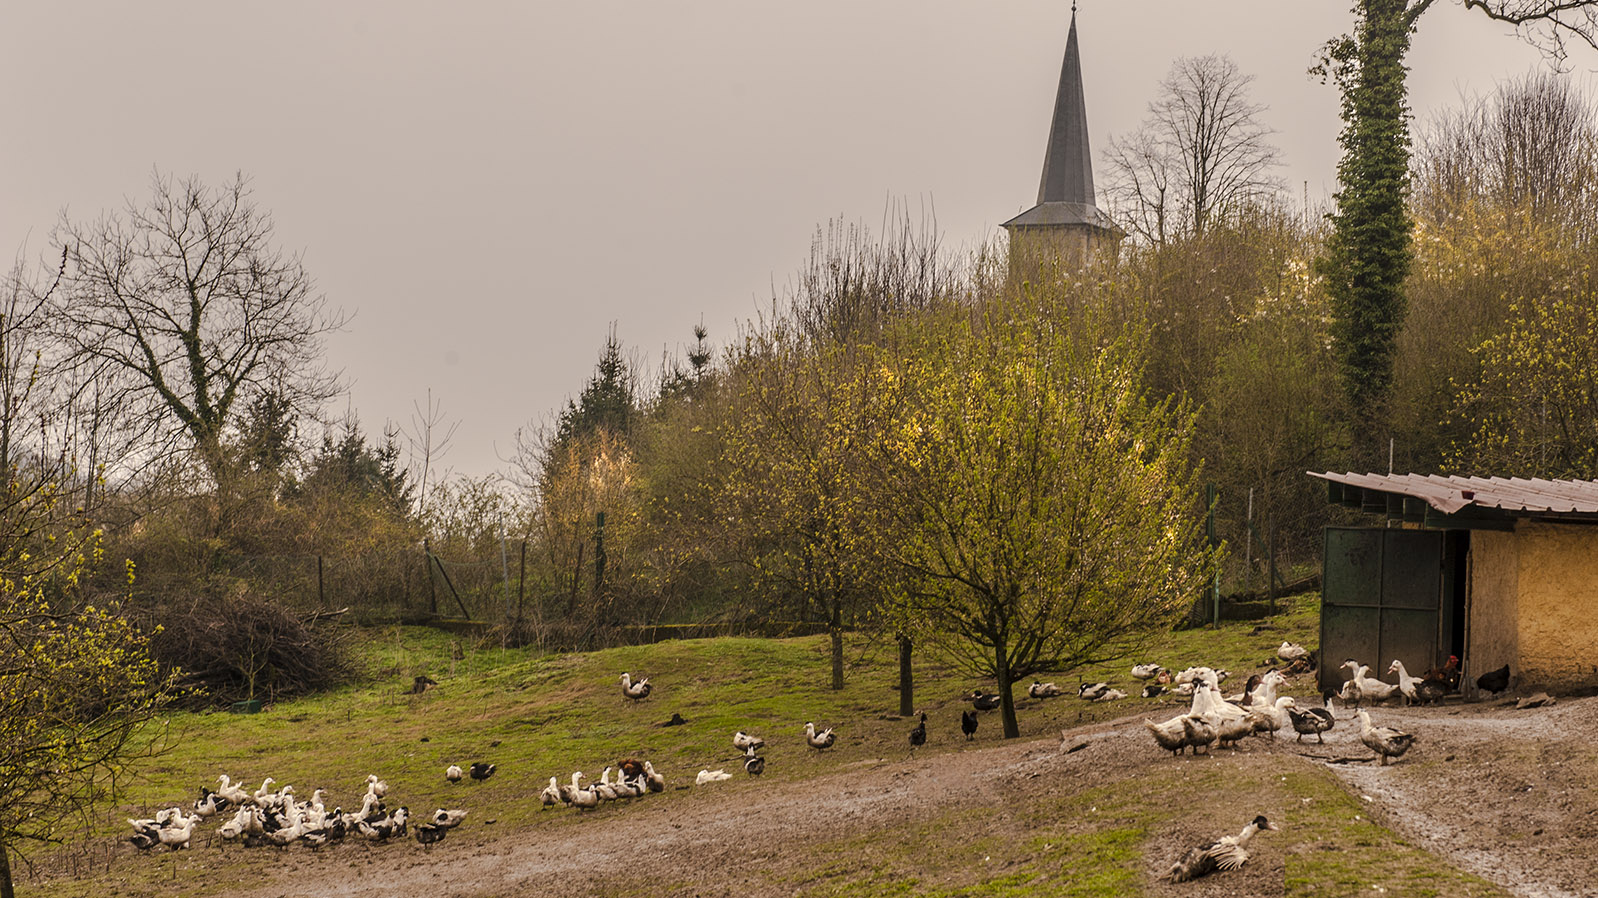 Domaine de la Klauss: Gleich hinter der Gaststätte: das Freilaufgelände für das Geflügel. Foto: Hilke Maunder